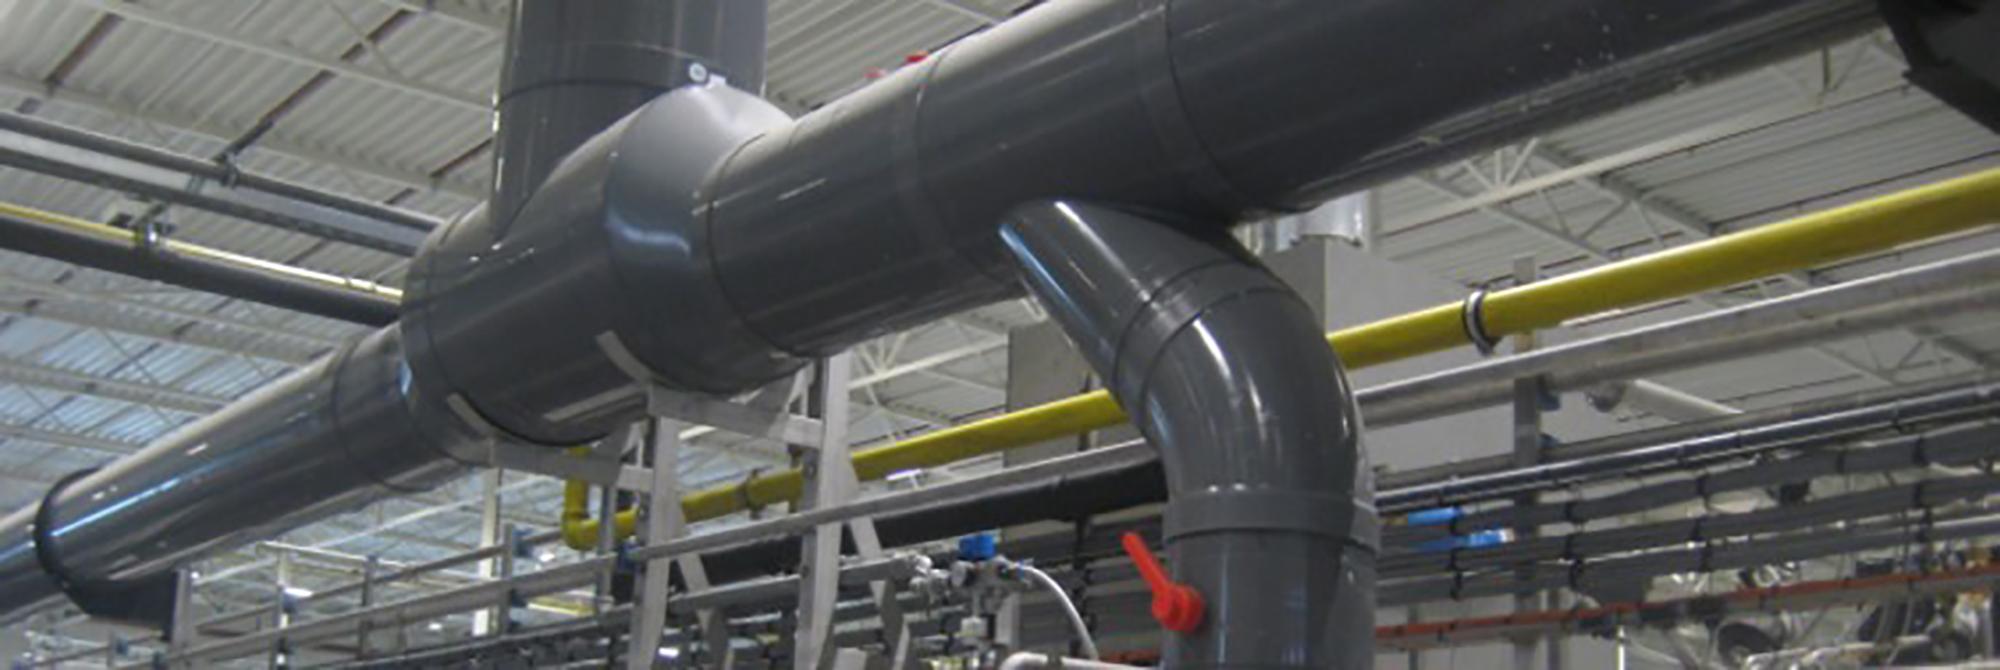 Afbeelding ventilatie leidingsystemen